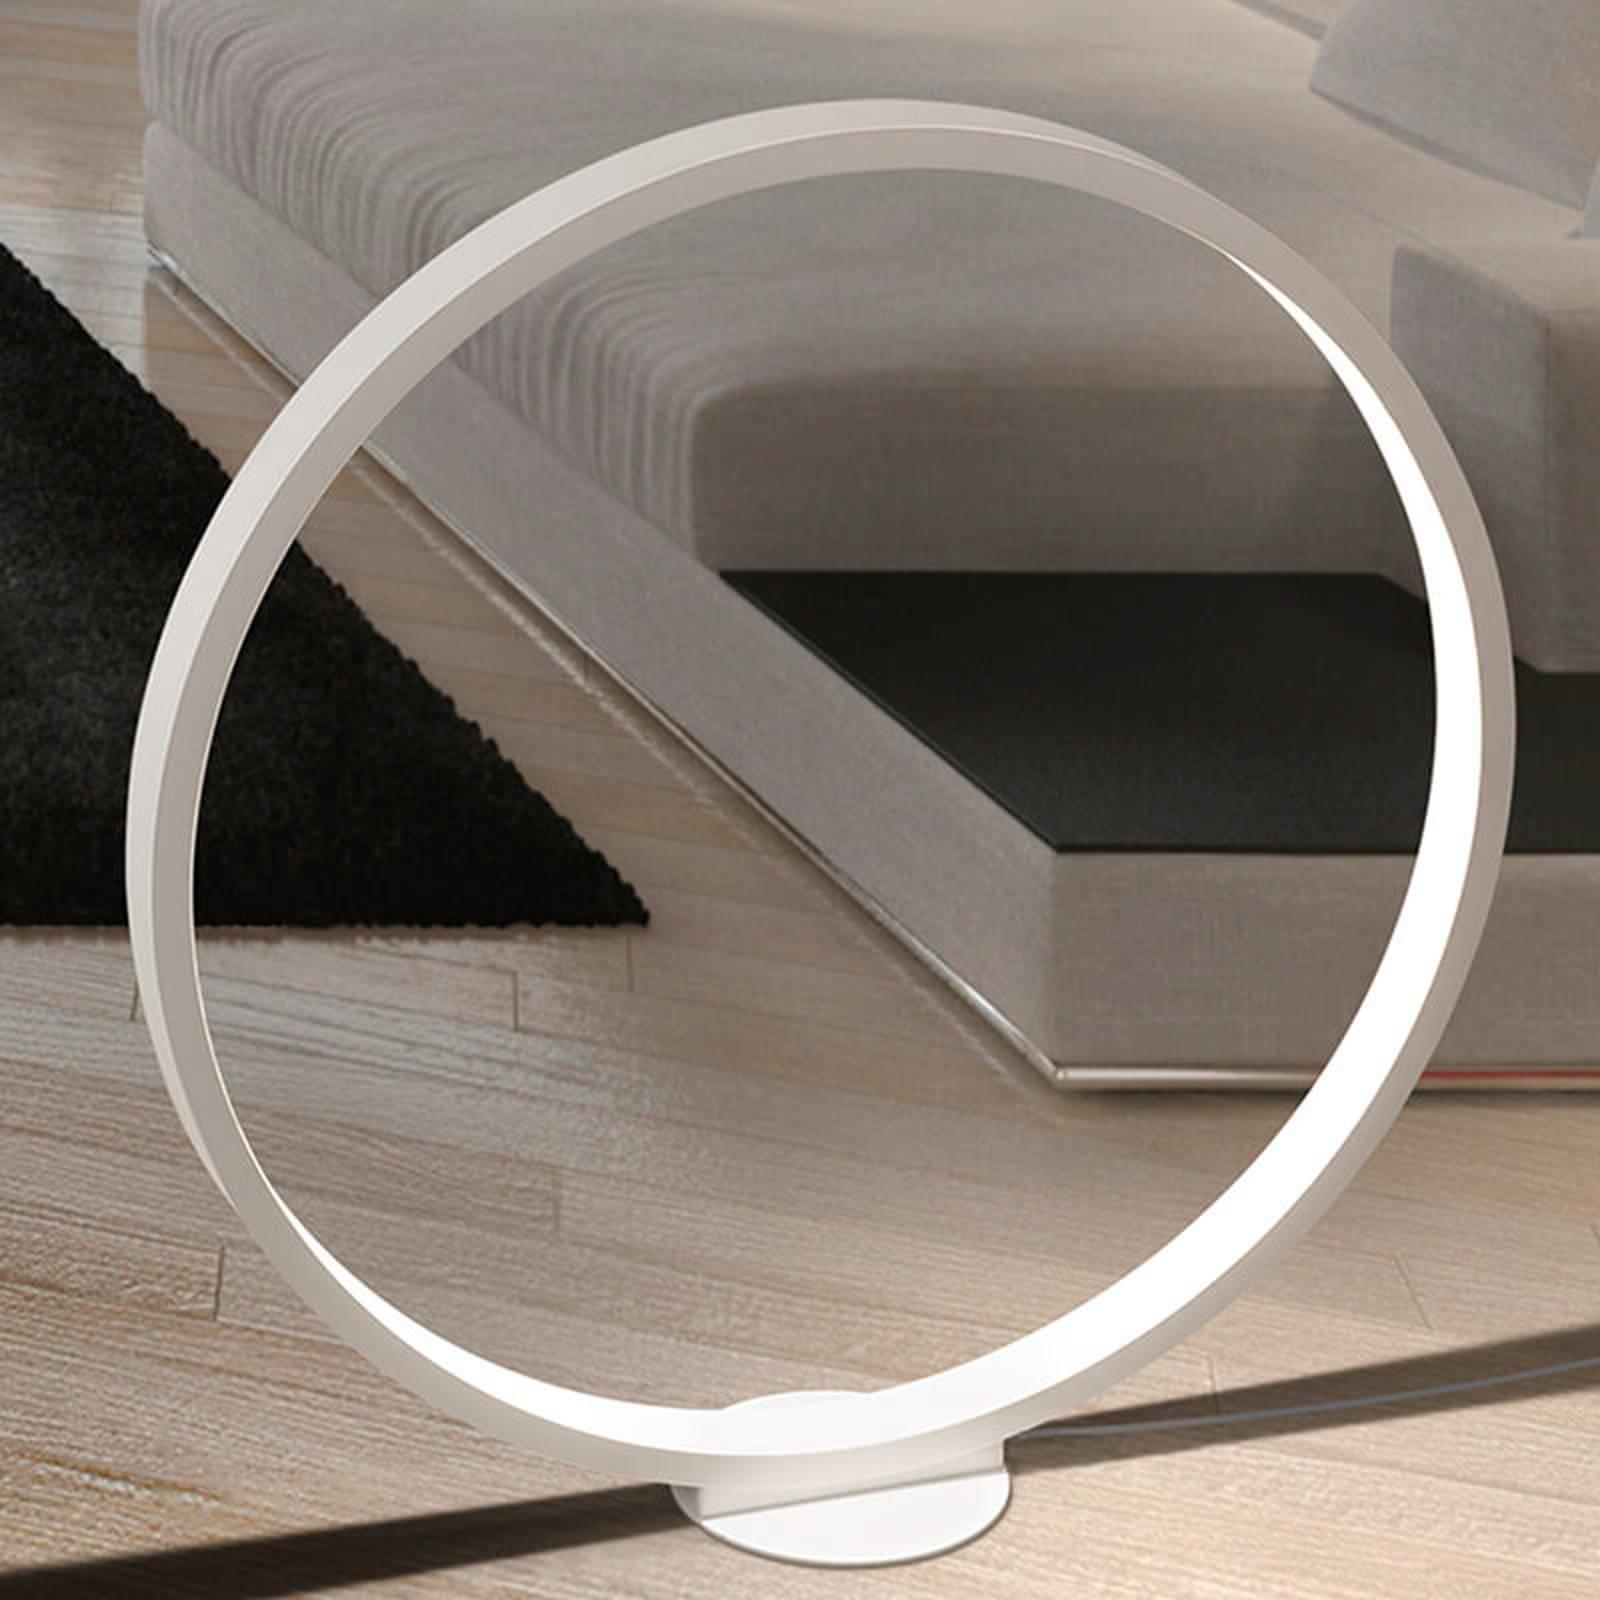 Cini&Nils Assolo hvit LED-gulvlampe med dimmer